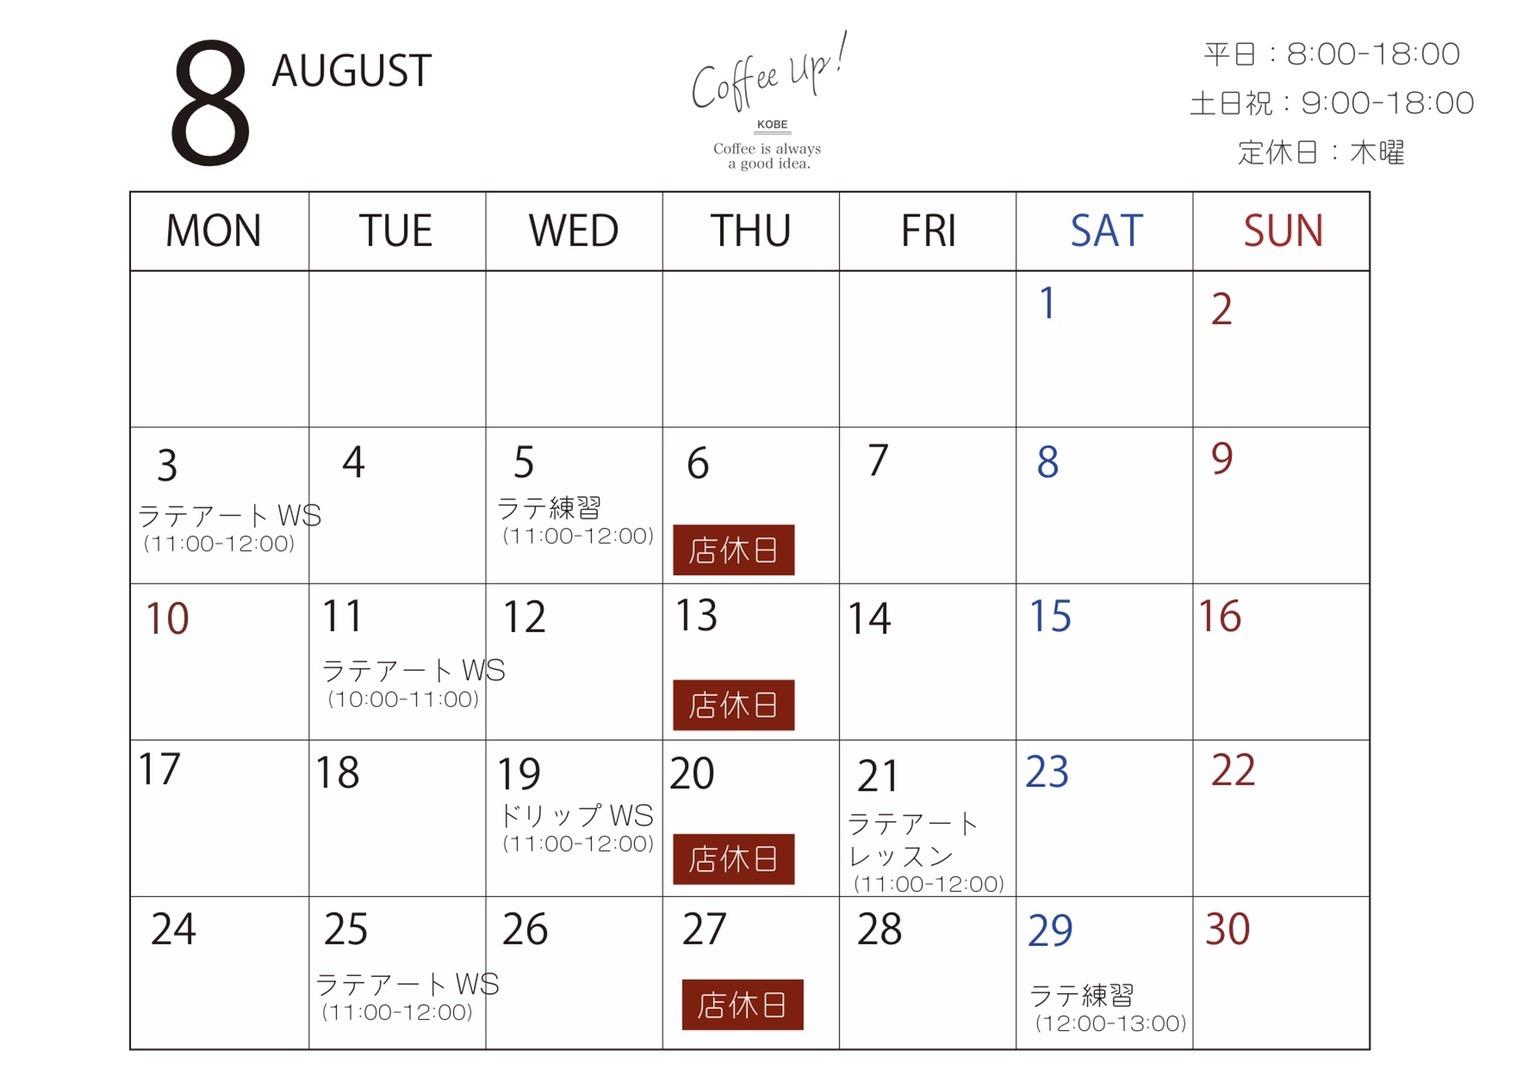 コーヒーアップワークショップ8月のカレンダー